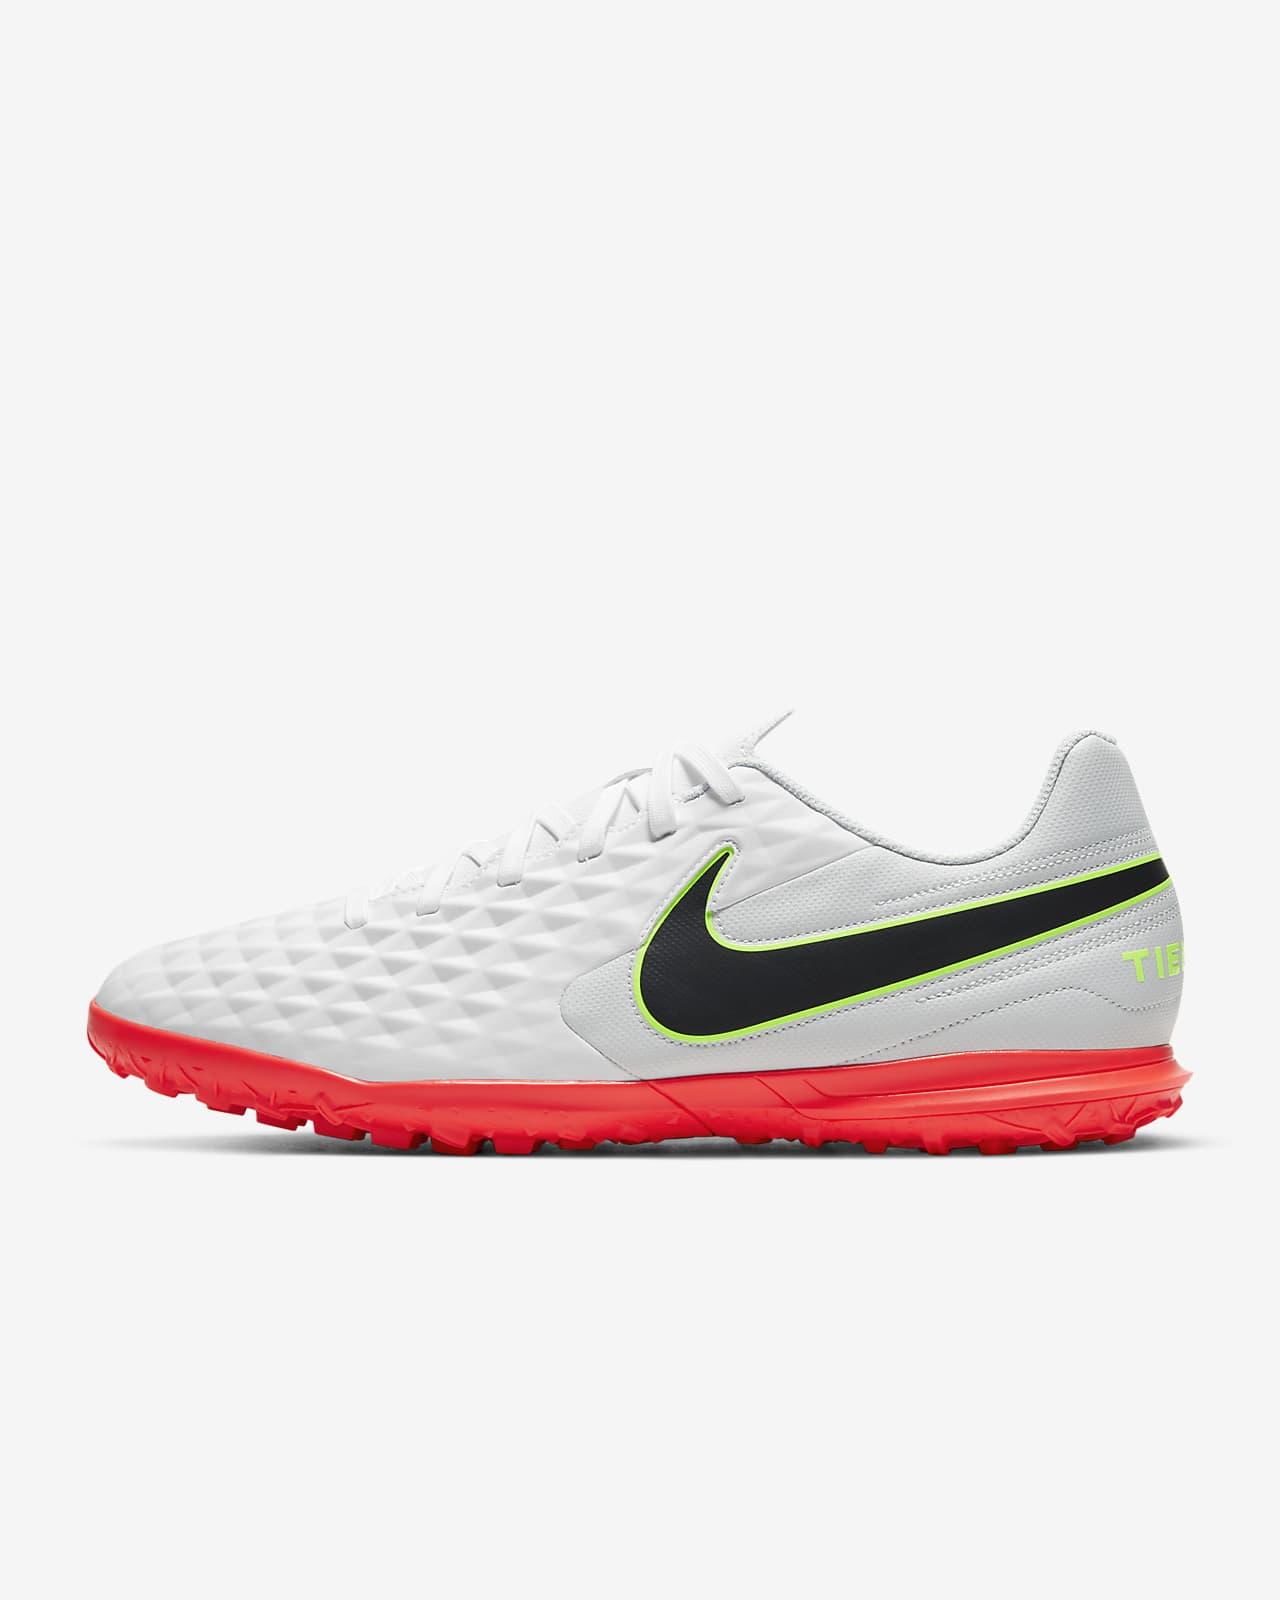 Nike Tiempo Legend 8 Club TF Botas de fútbol para hierba artificial o moqueta - Turf